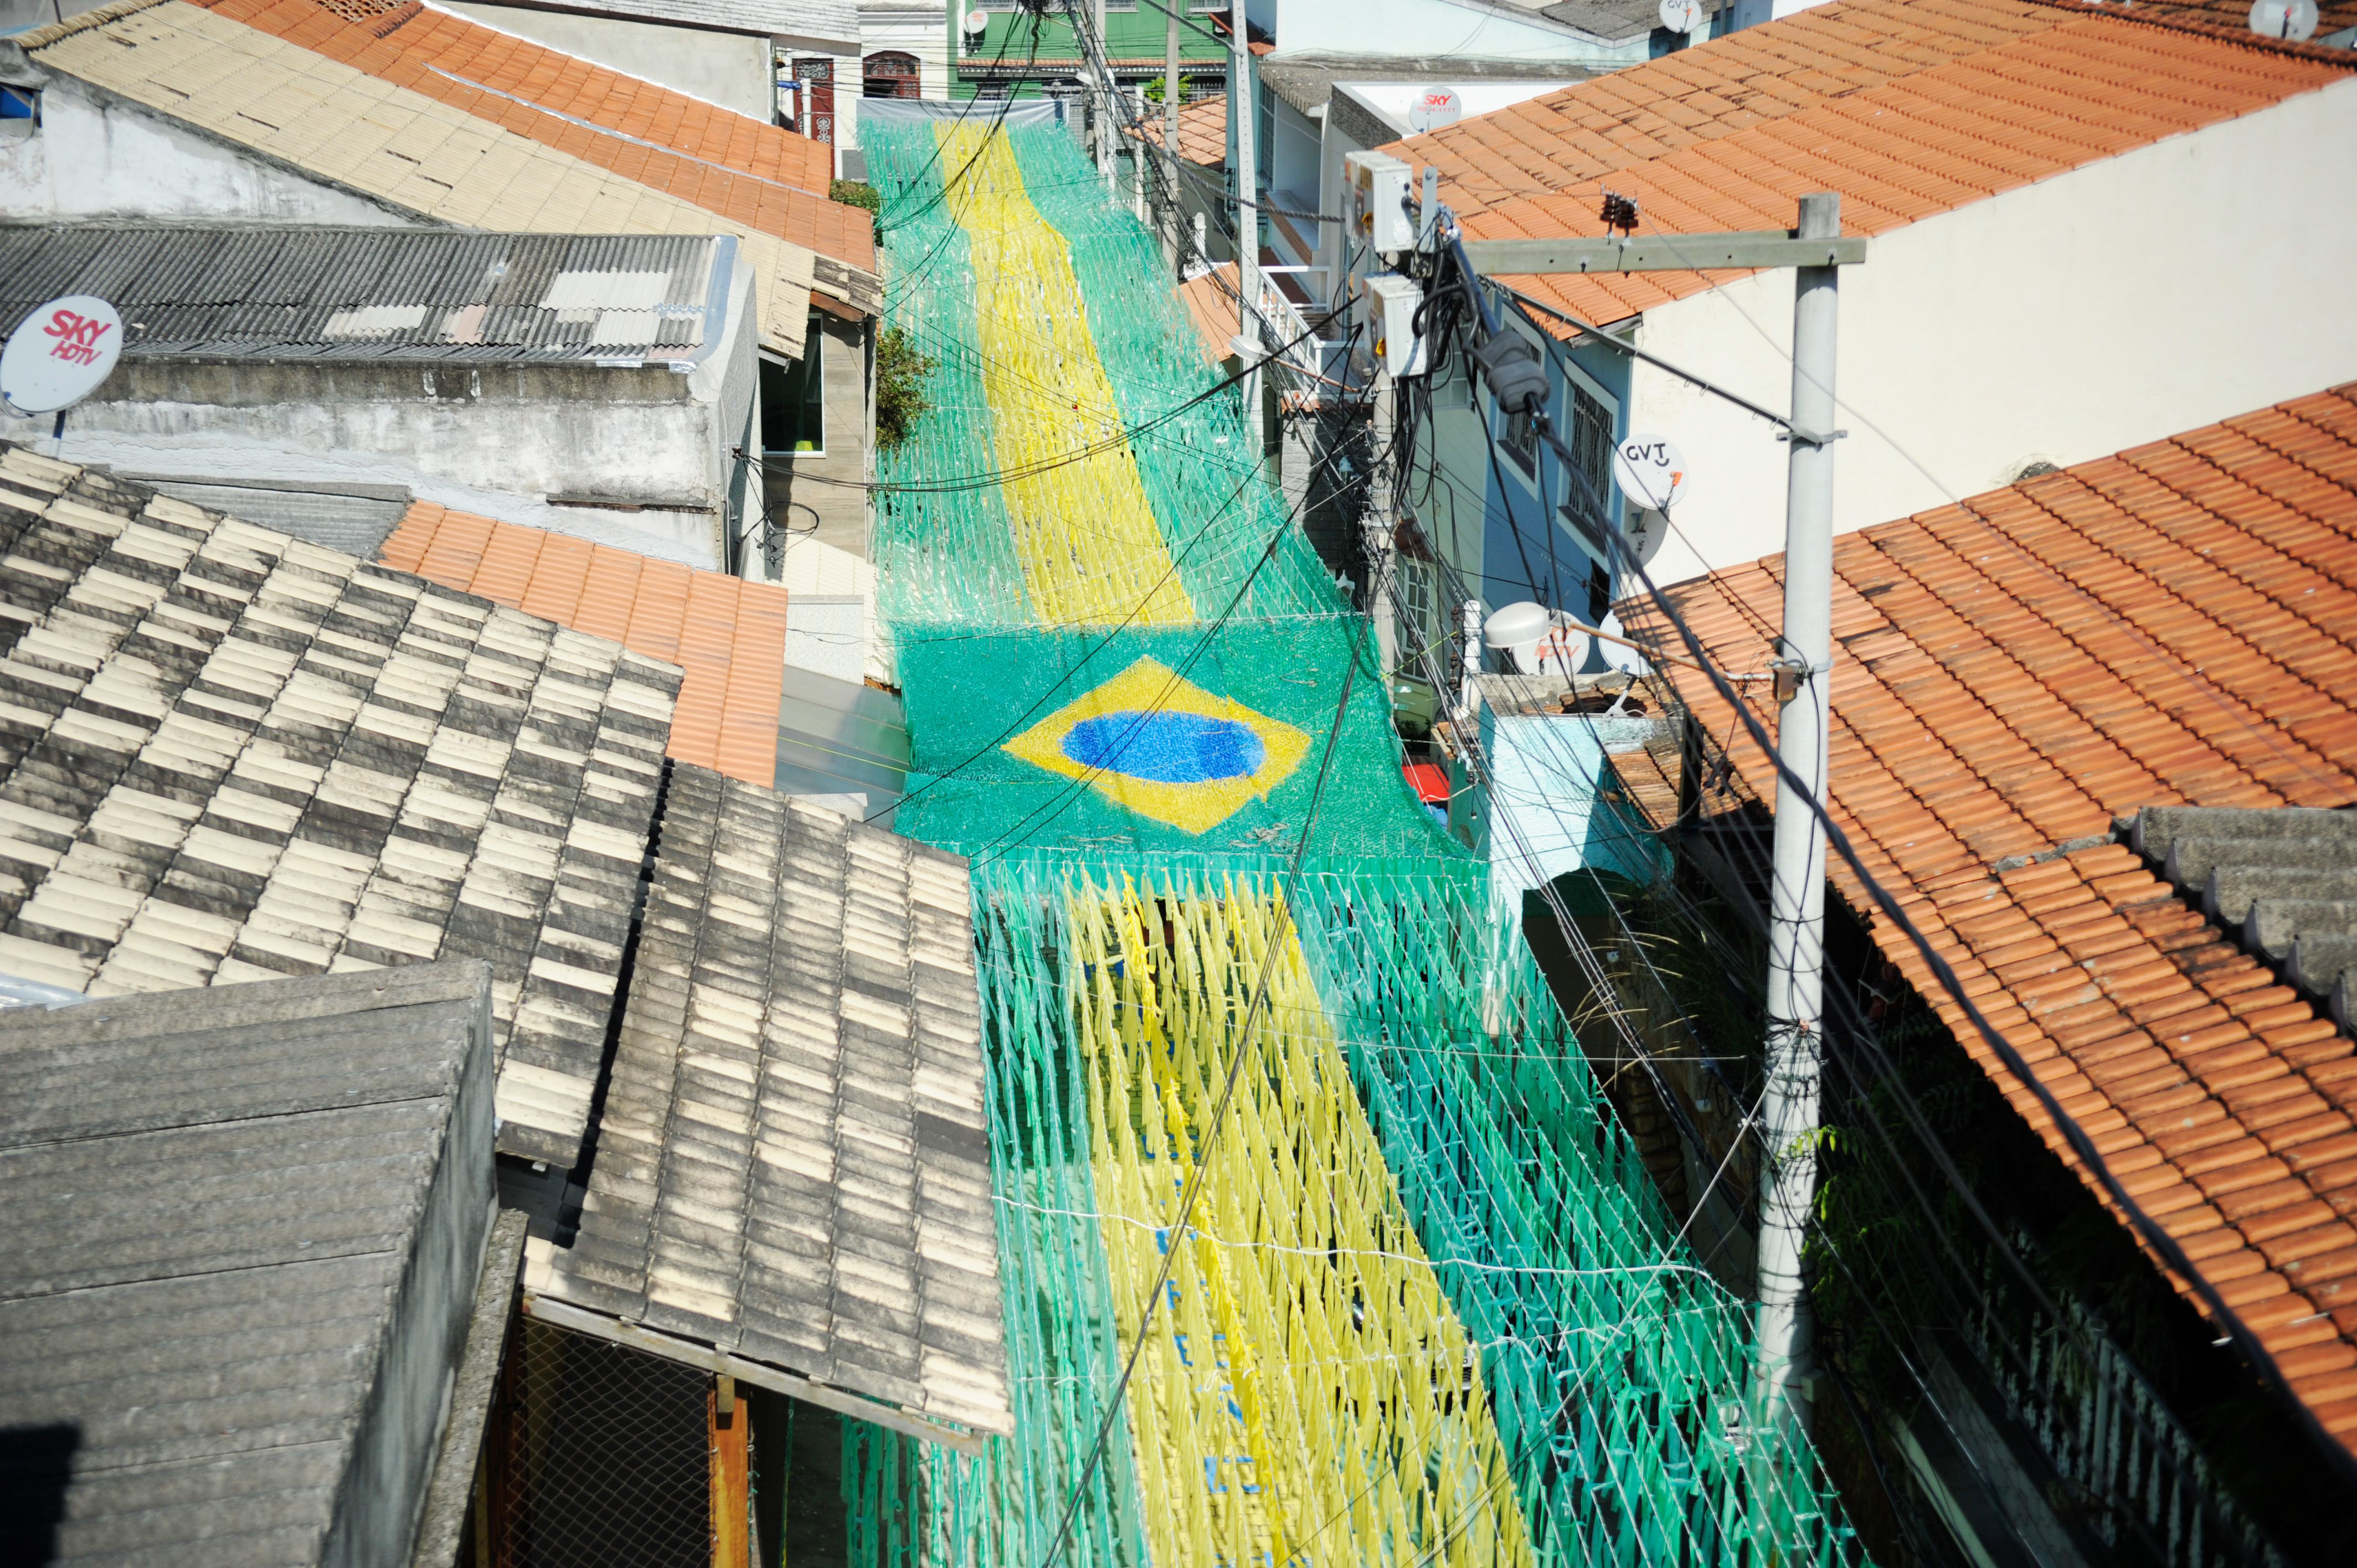 Rua-decorada-para-a-Copa-do-Mundo-de-2014-Rio-de-Janeiro-201405050005